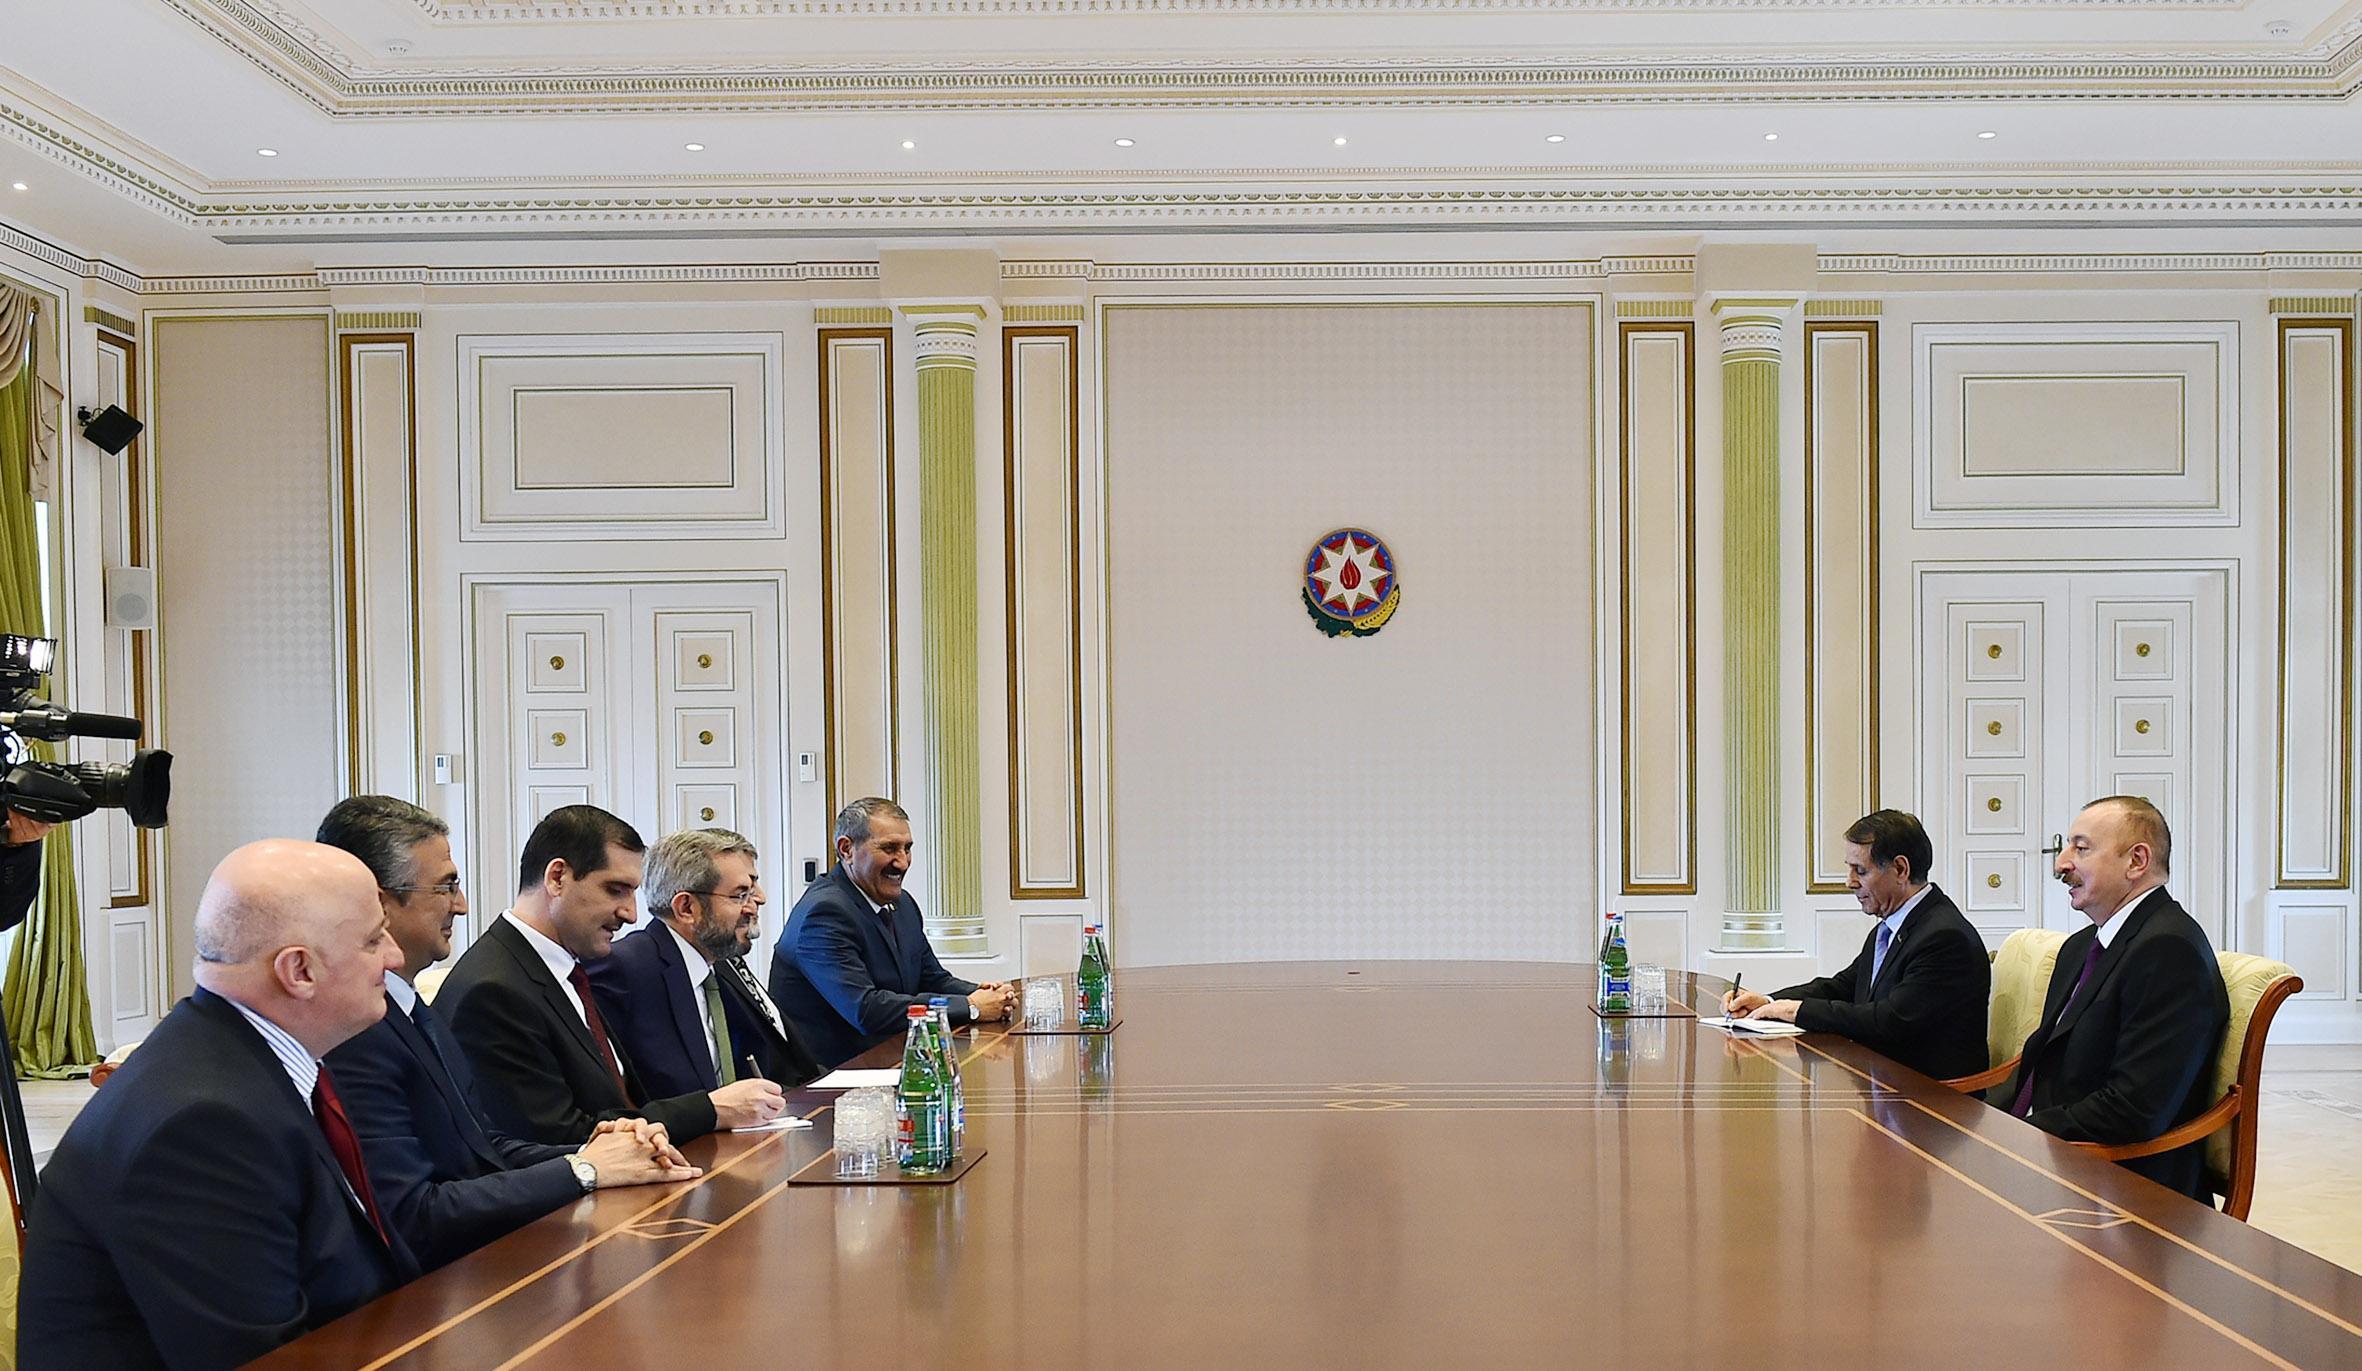 Президент Ильхам Алиев принял руководителя Турецко-азербайджанской межпарламентской группы дружбы